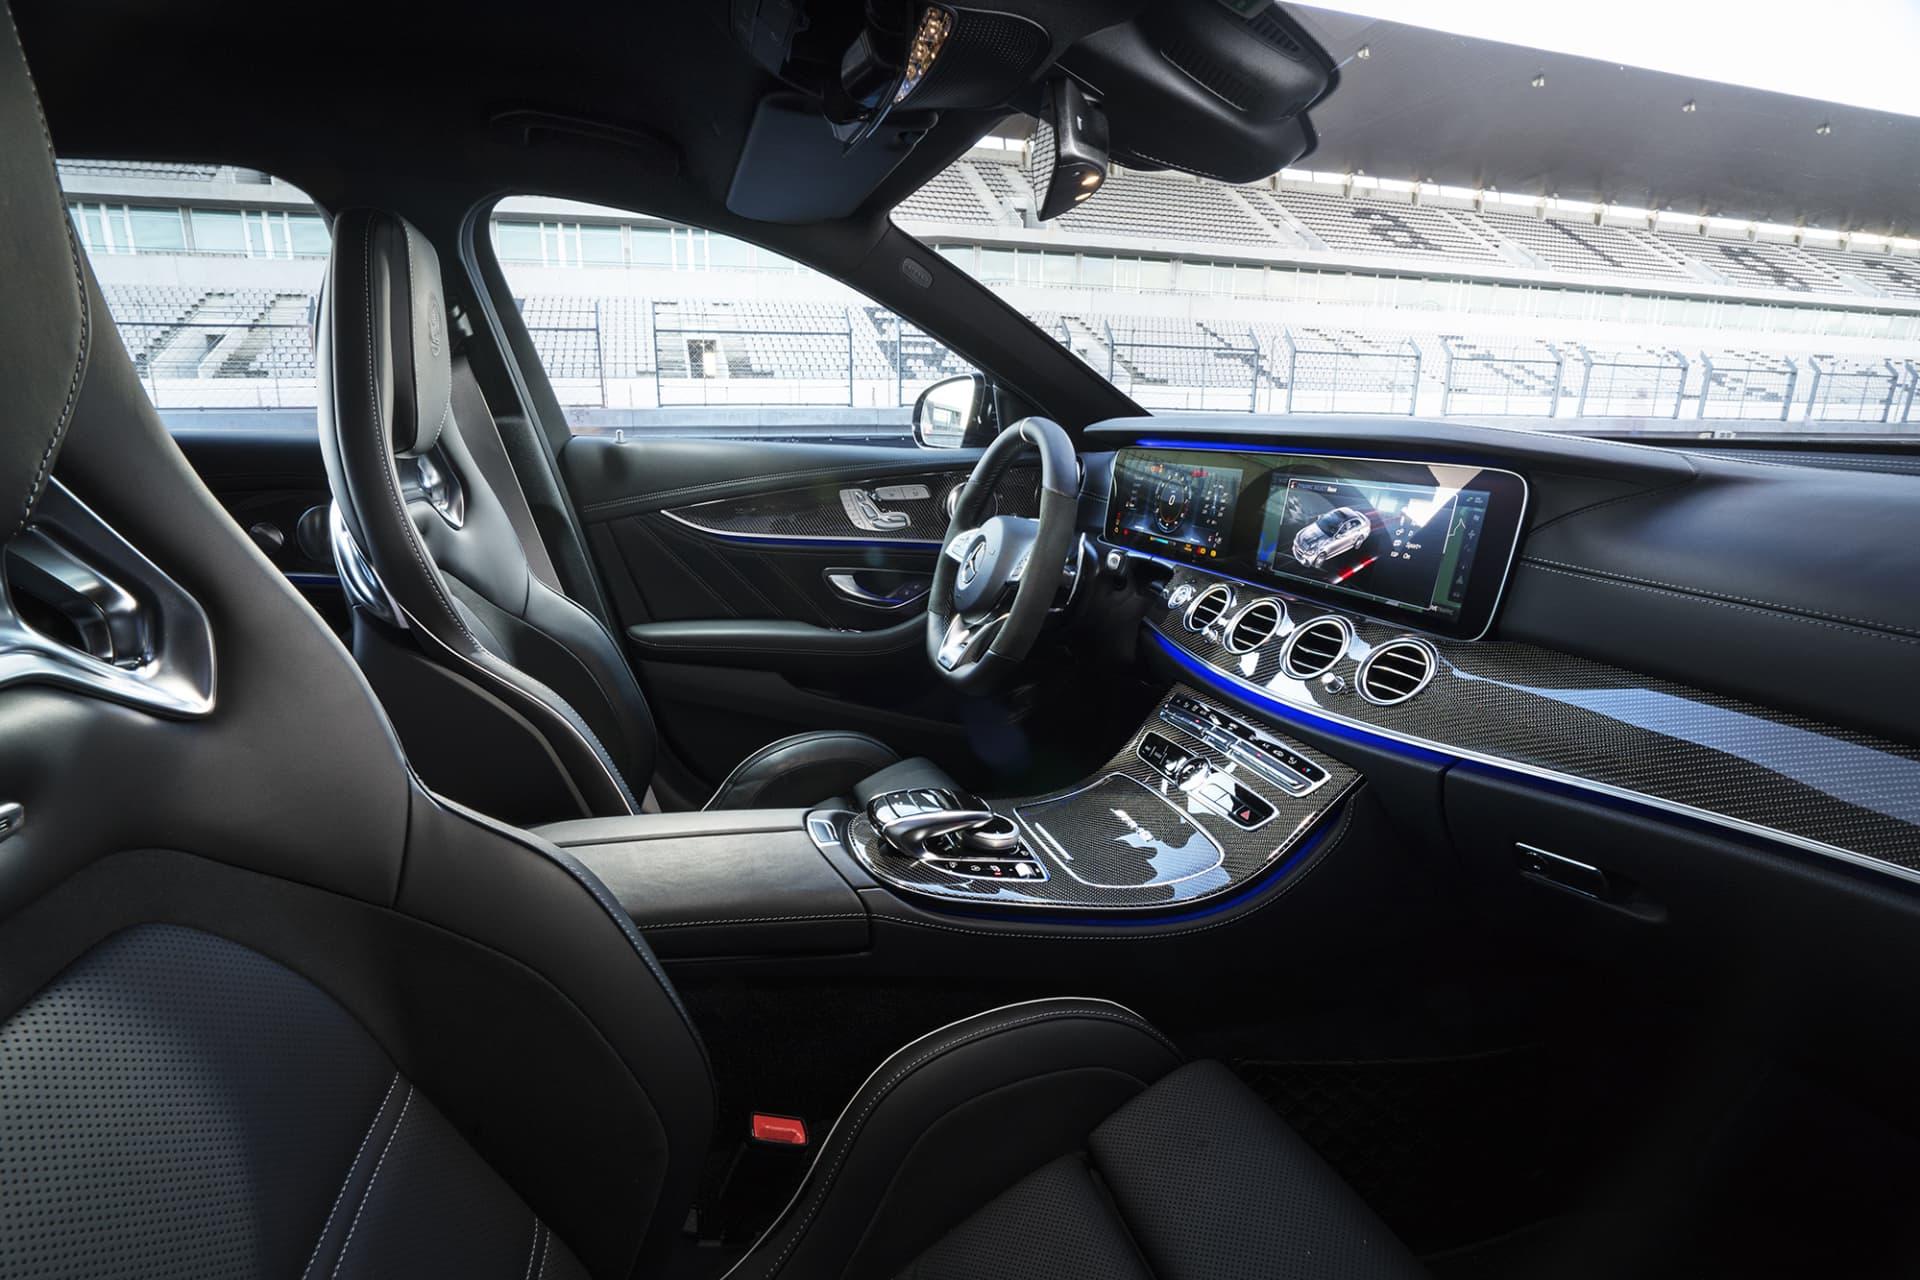 Interiören i nya Mercedes E63 S AMG kan mest liknas vid ett rymdskepp med de belysta panelerna av kolfiber. Numera används inte analoga mätare utan all info visas på en stor bred bildskärm framför föraren.